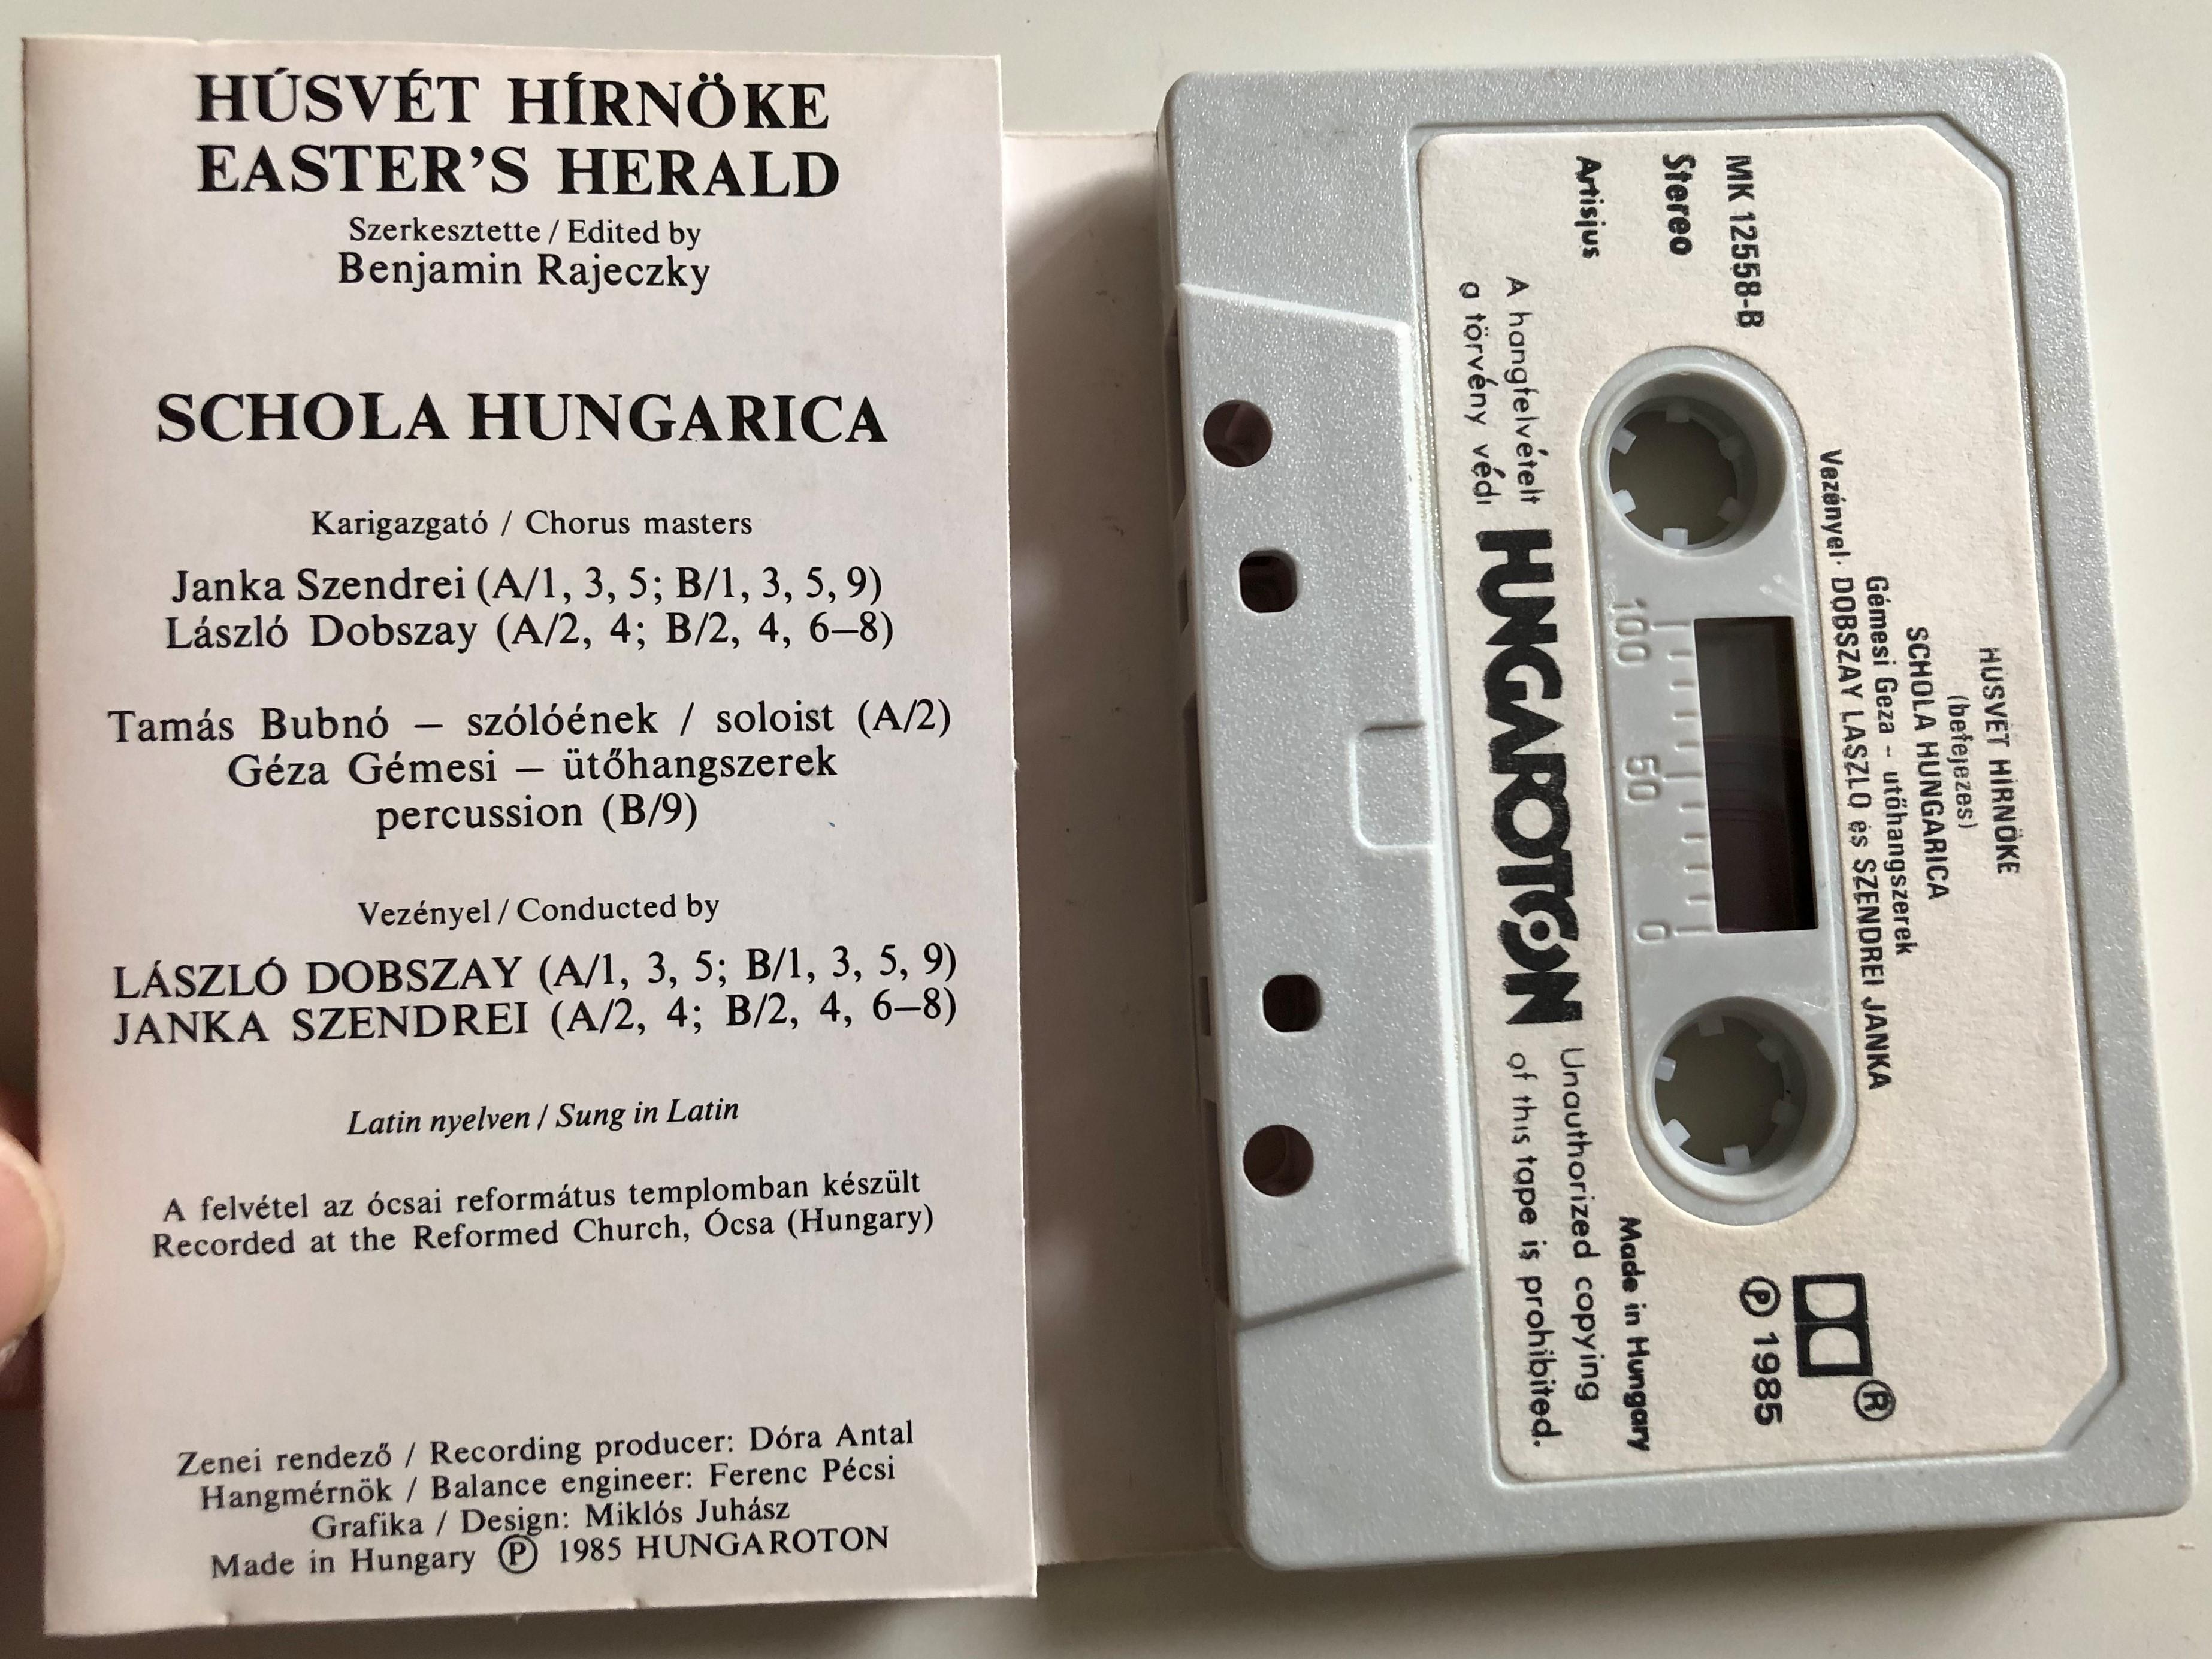 easter-s-herald-h-sv-t-h-rn-ke-gregorian-chants-schola-hungarica-hungaroton-cassette-stereo-mk-12558-2-.jpg